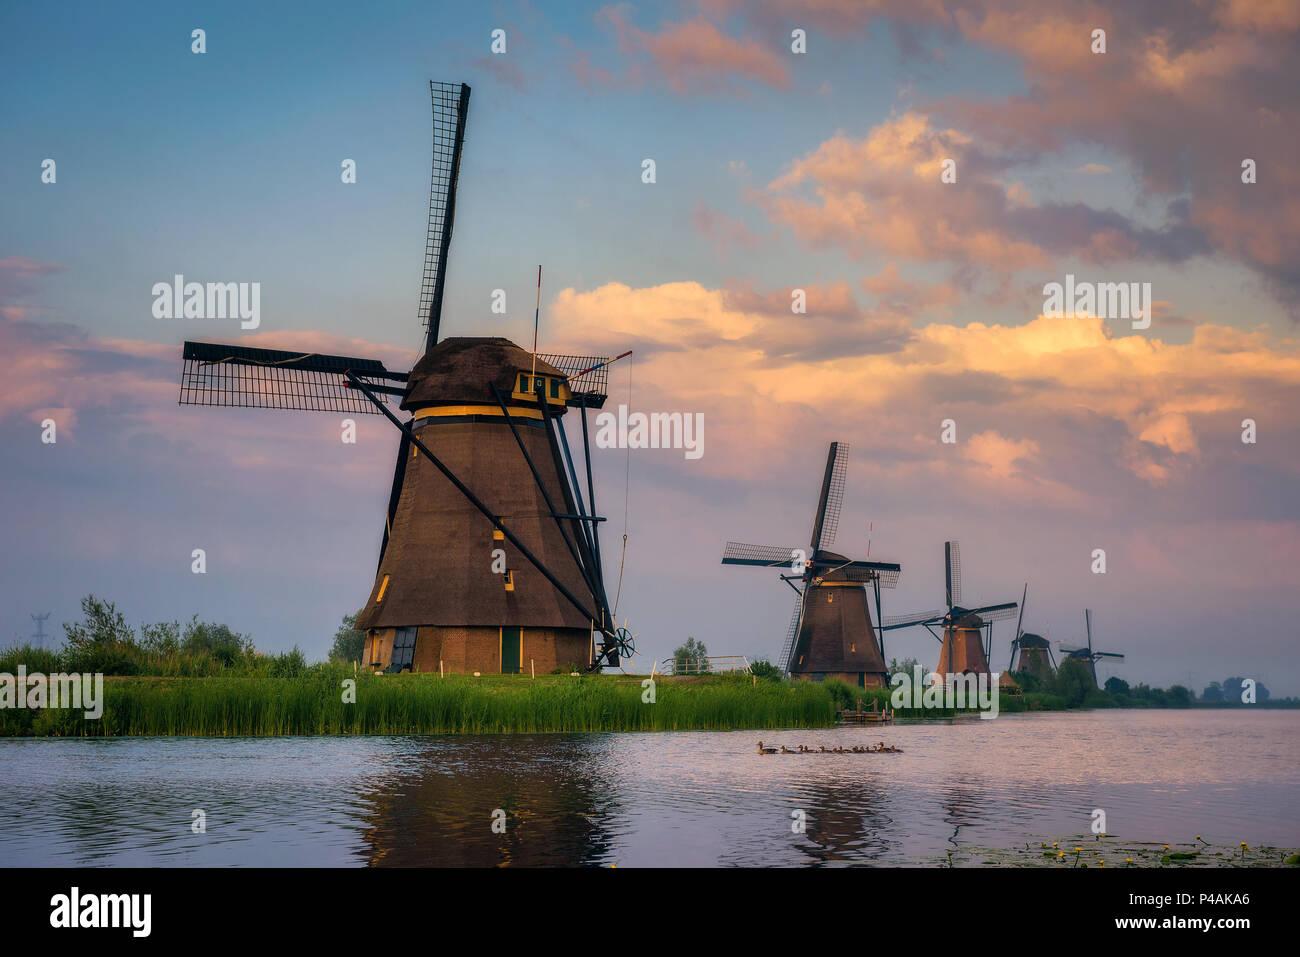 Sonnenuntergang über alte holländische Windmühlen in Kinderdijk, Niederlande Stockbild